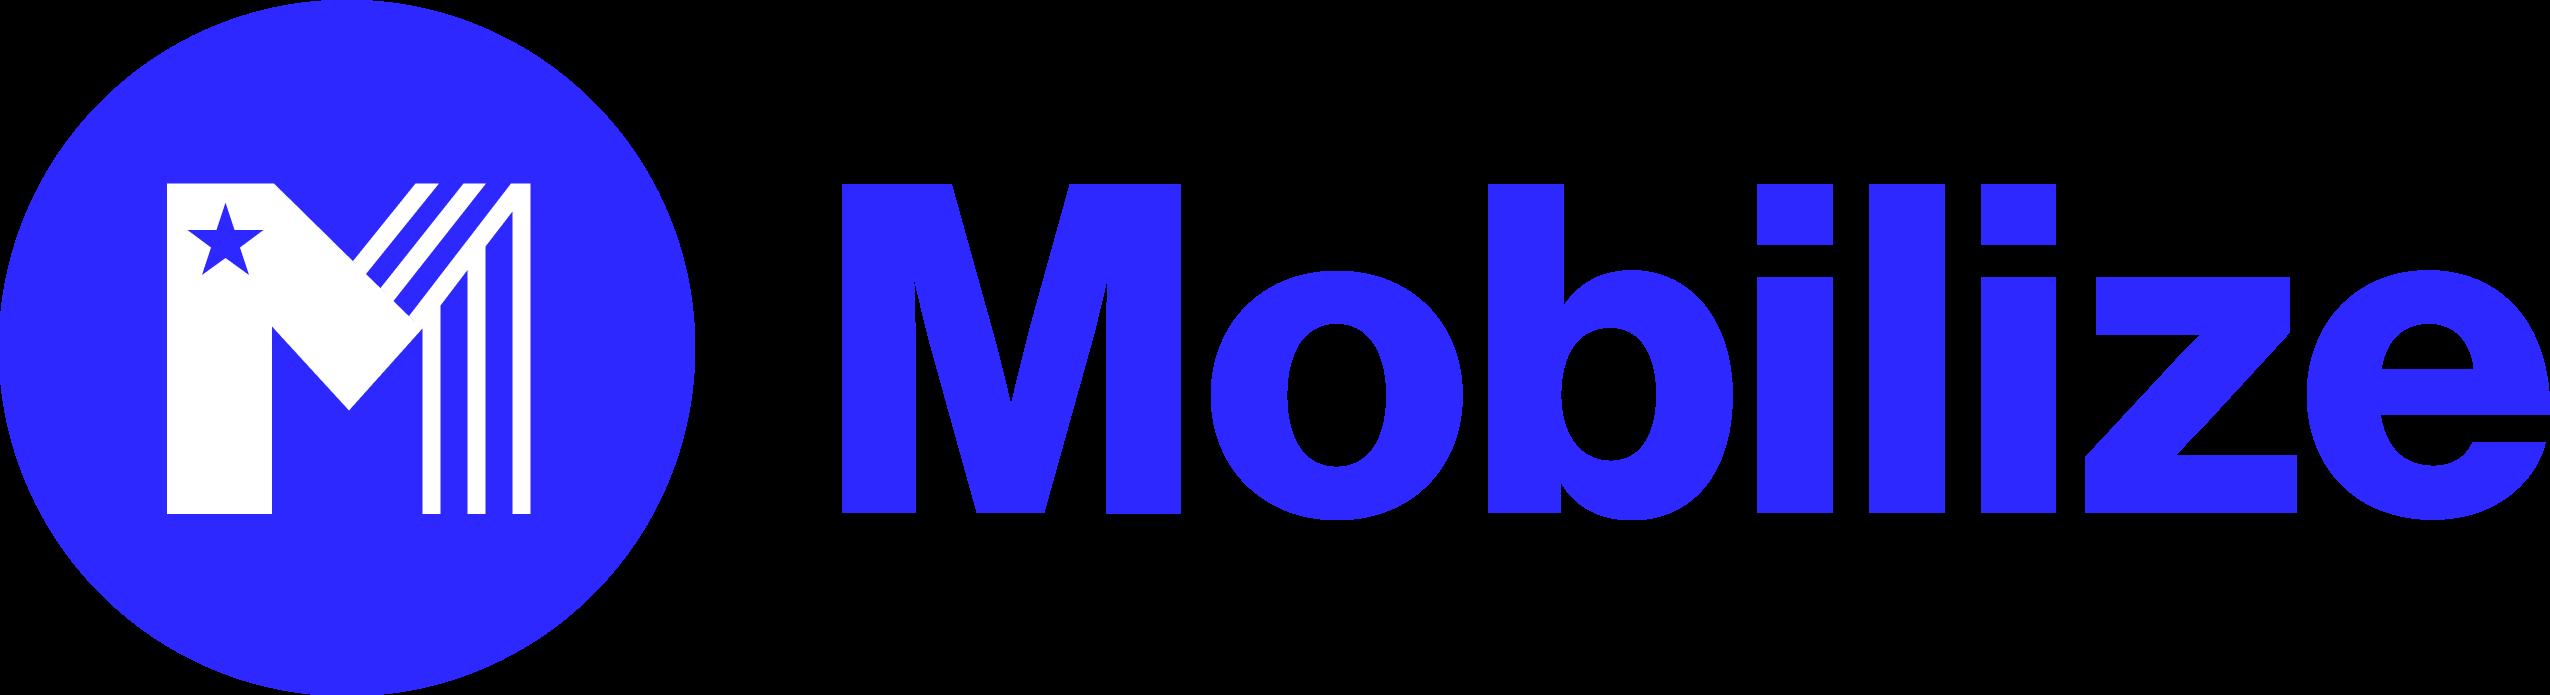 Blue mobilize logo